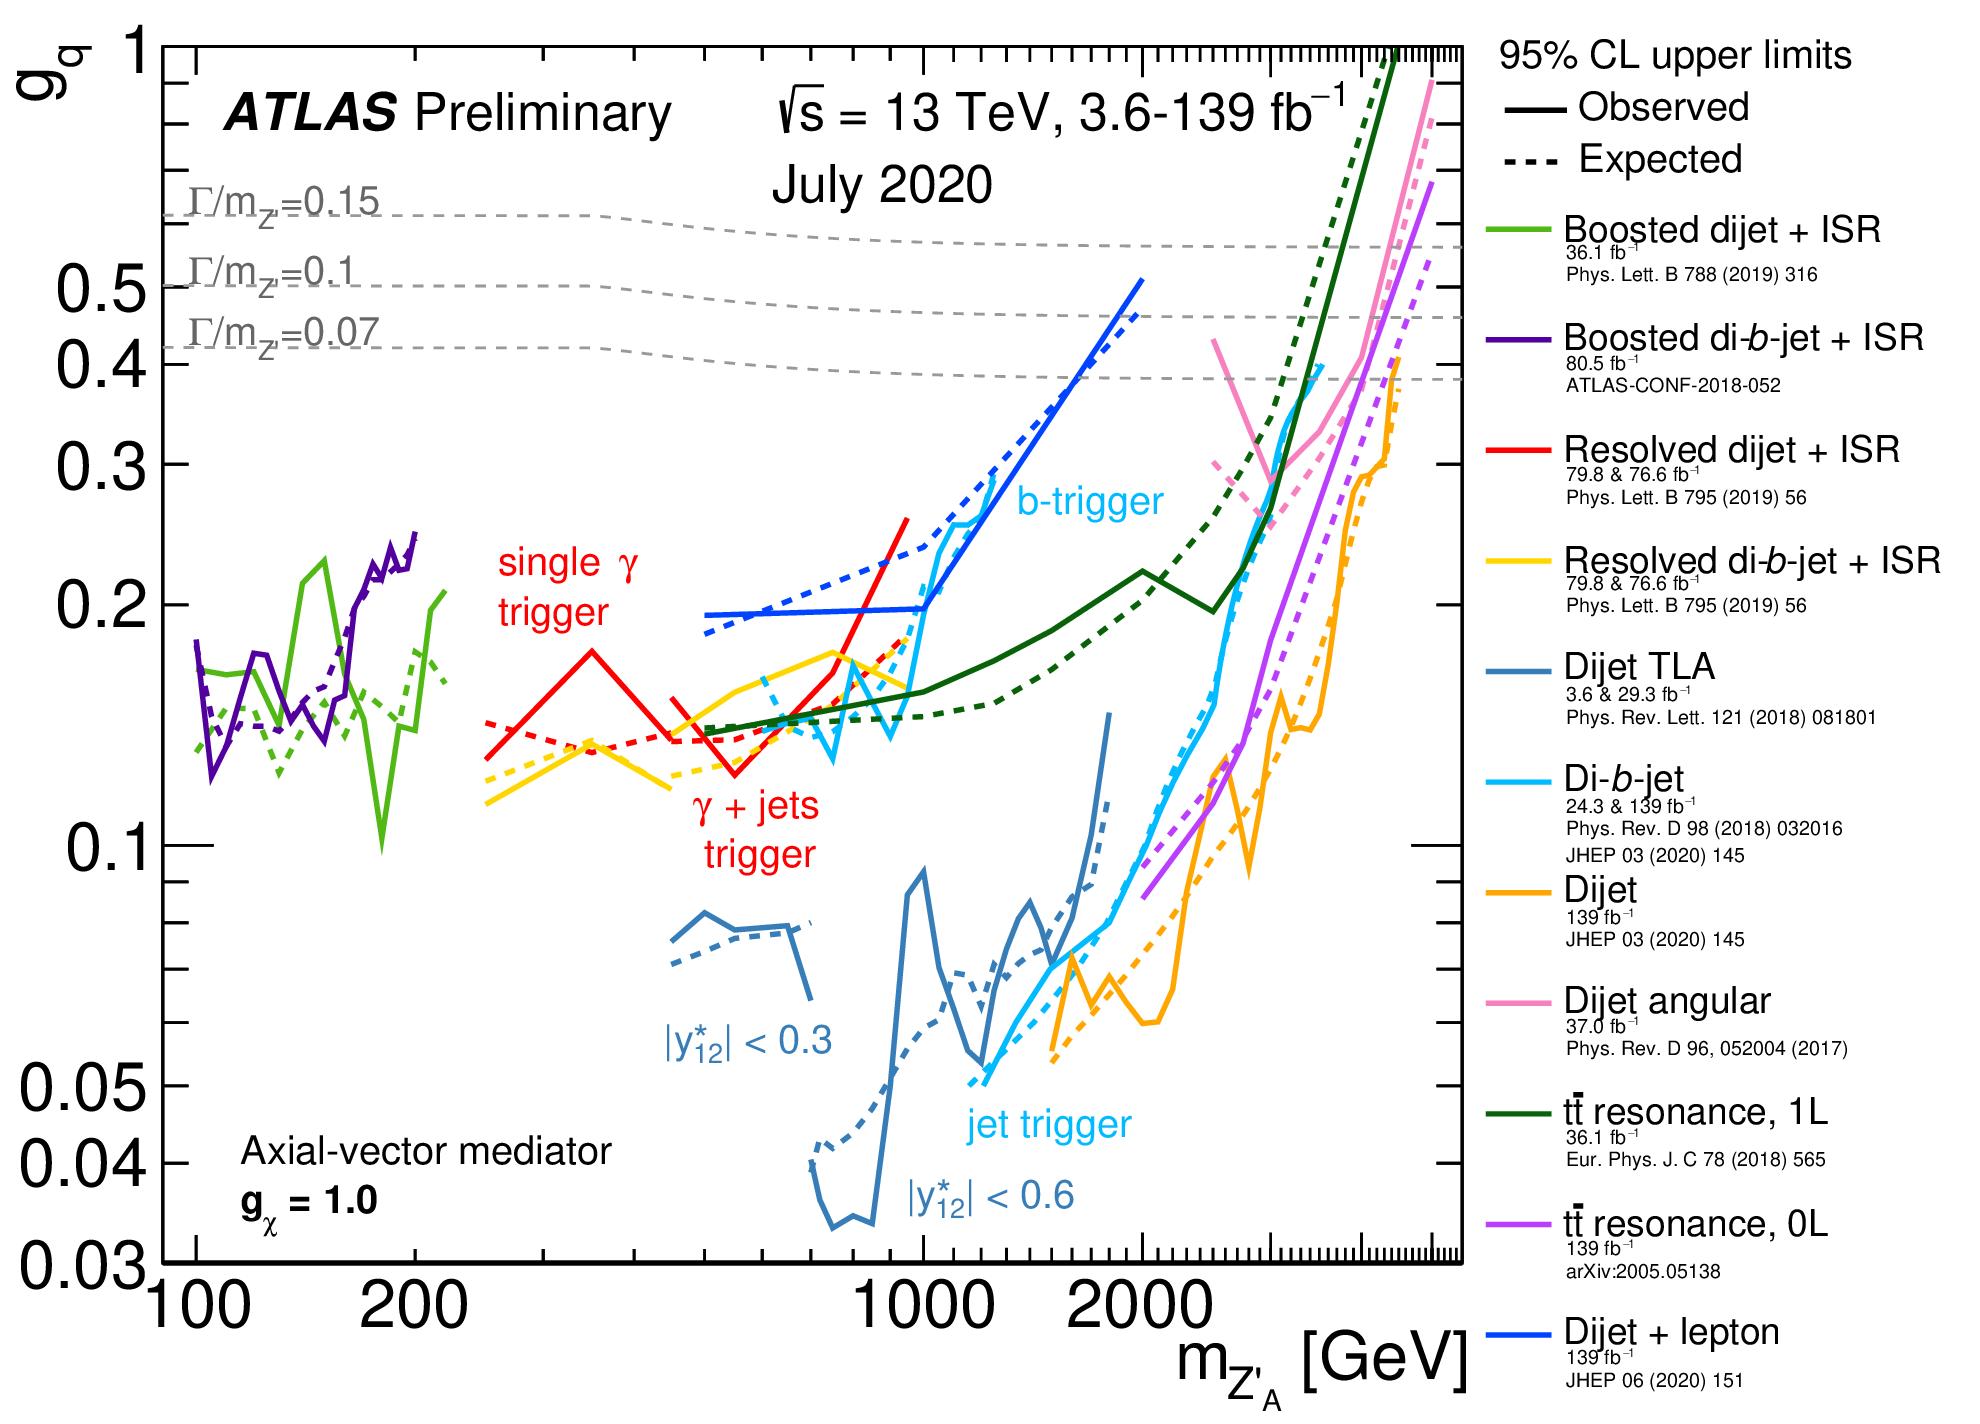 https://atlas.web.cern.ch/Atlas/GROUPS/PHYSICS/CombinedSummaryPlots/EXOTICS/ATLAS_DarkMatterCoupling_Summary/ATLAS_DarkMatterCoupling_Summary.png